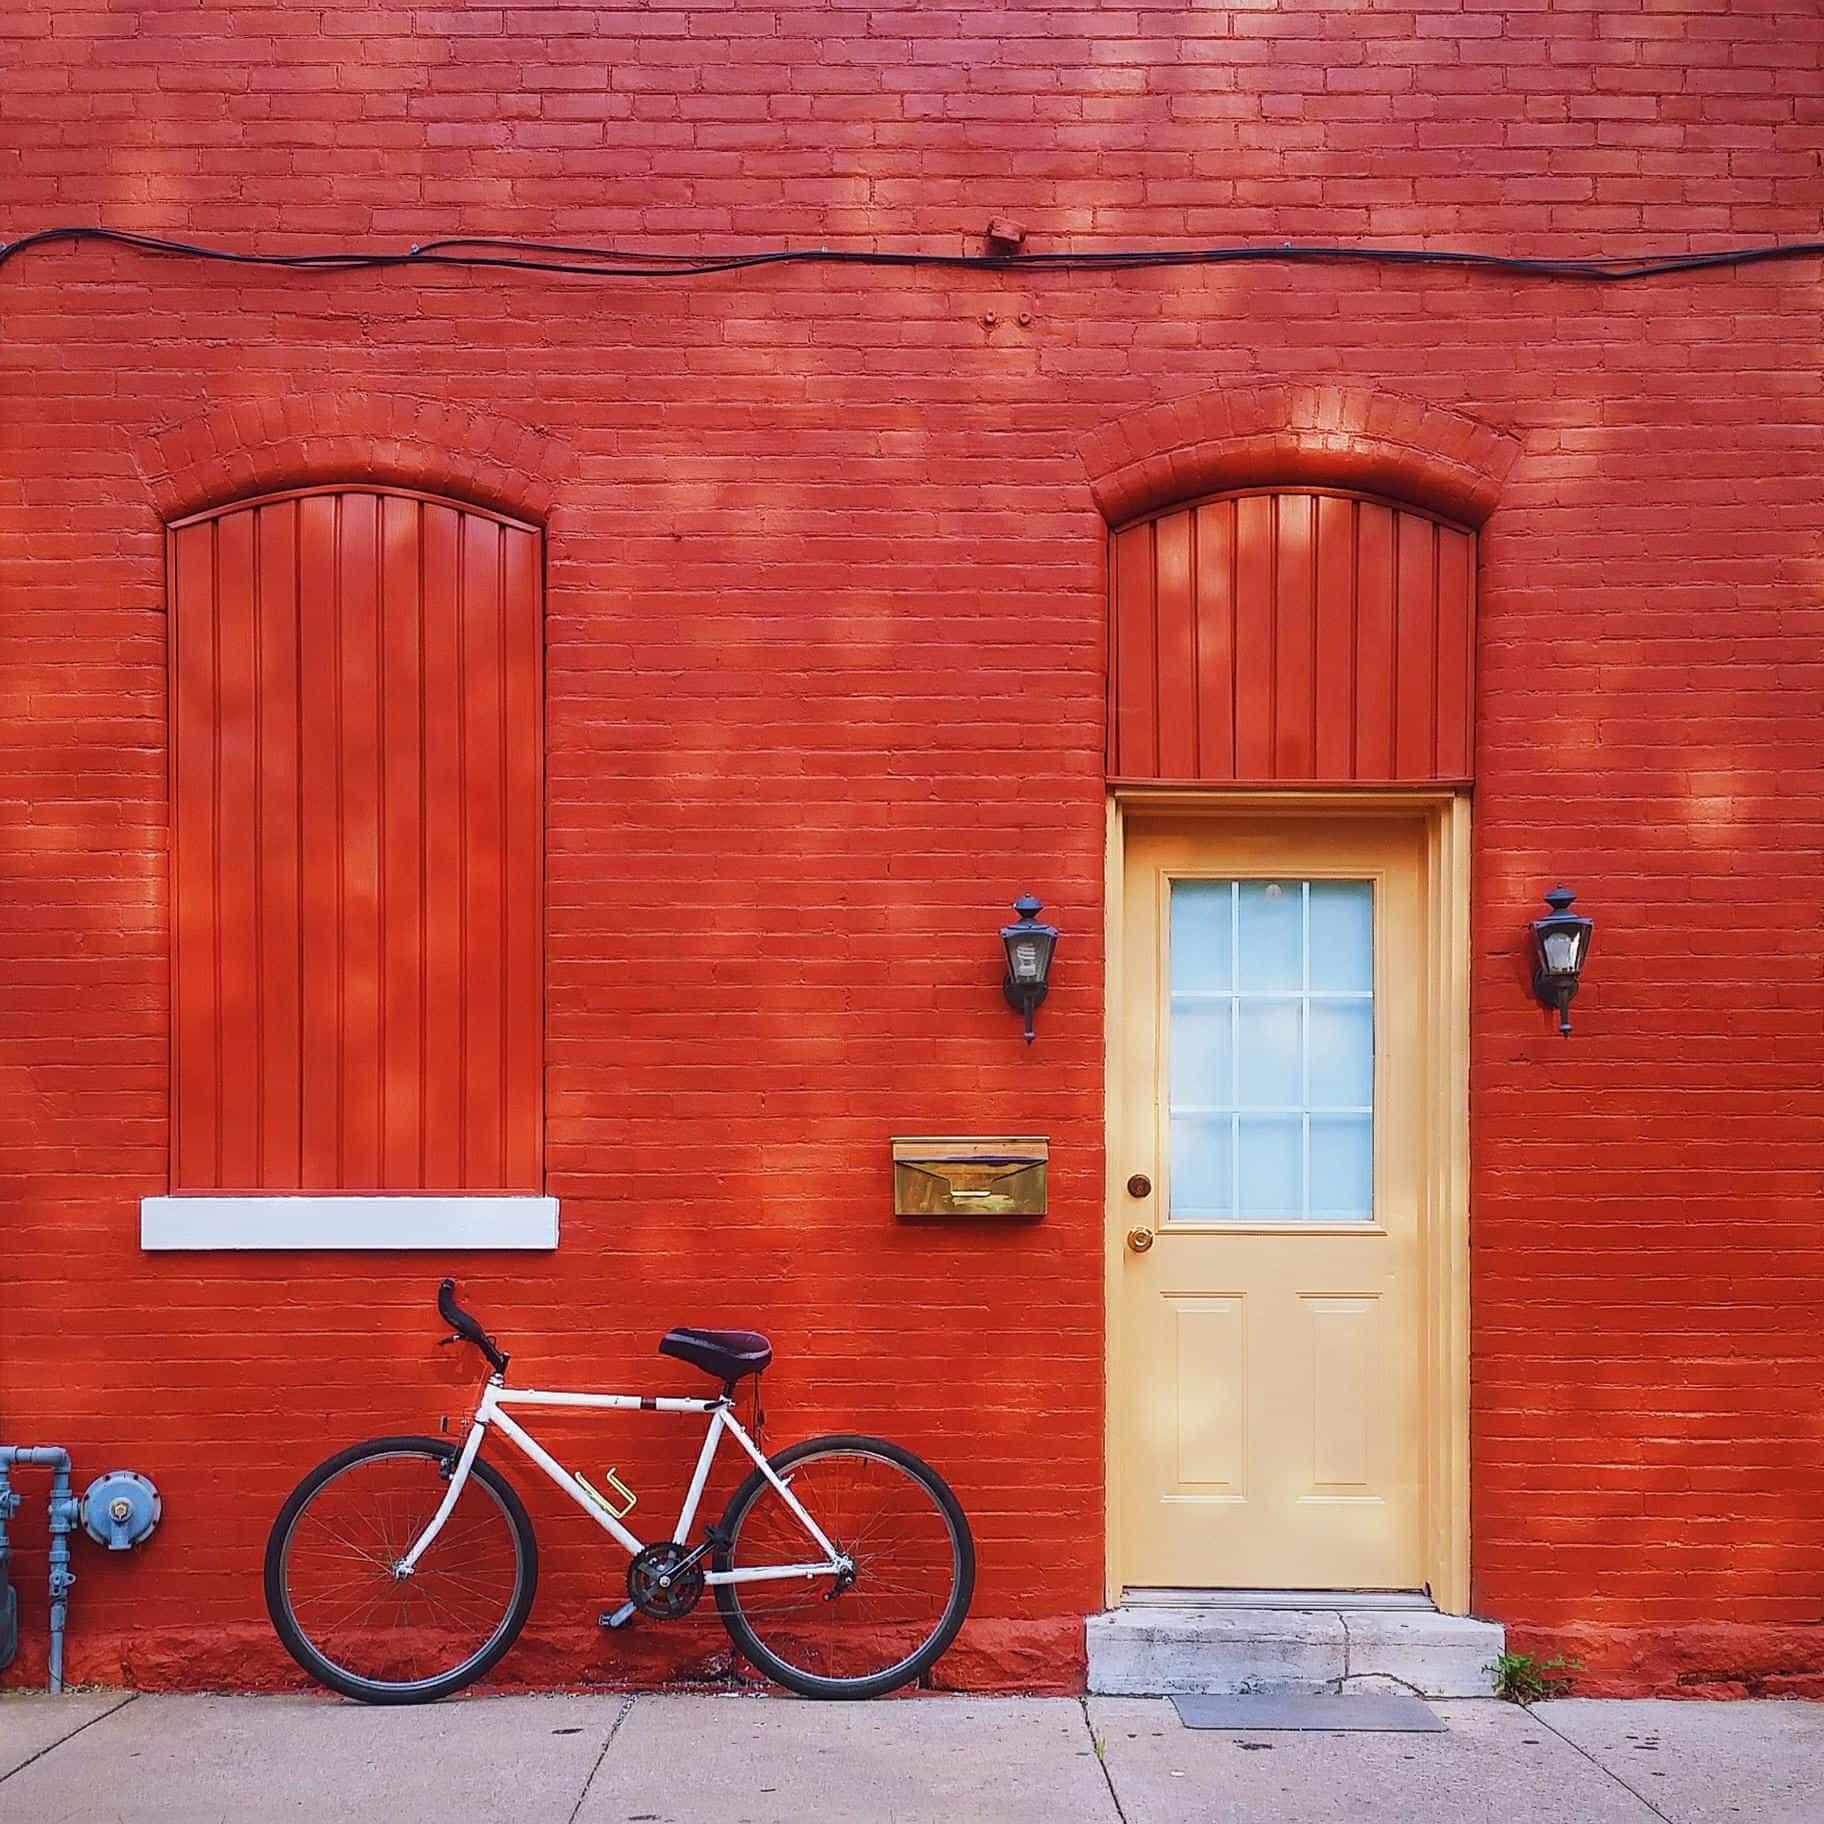 Imagen gratis: puerta urbana, bicicleta, fachada, casa, arquitectura ...